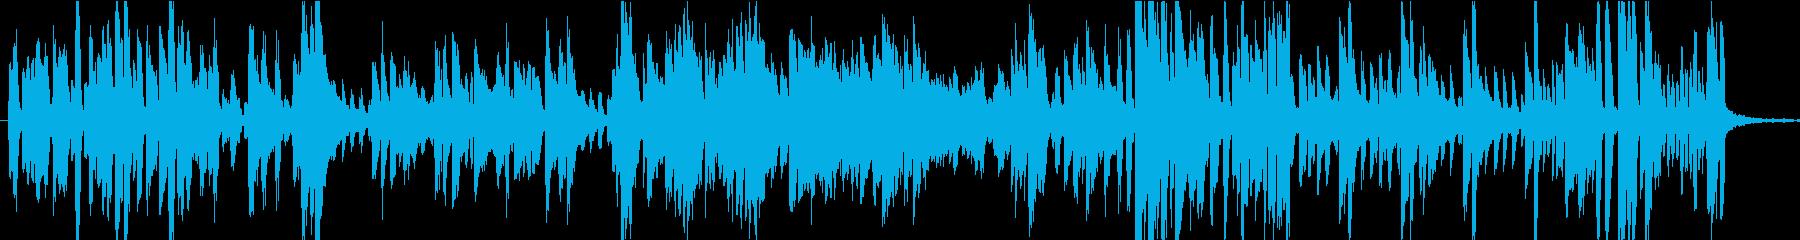 おしゃれでかっこいいピアノジャズの再生済みの波形